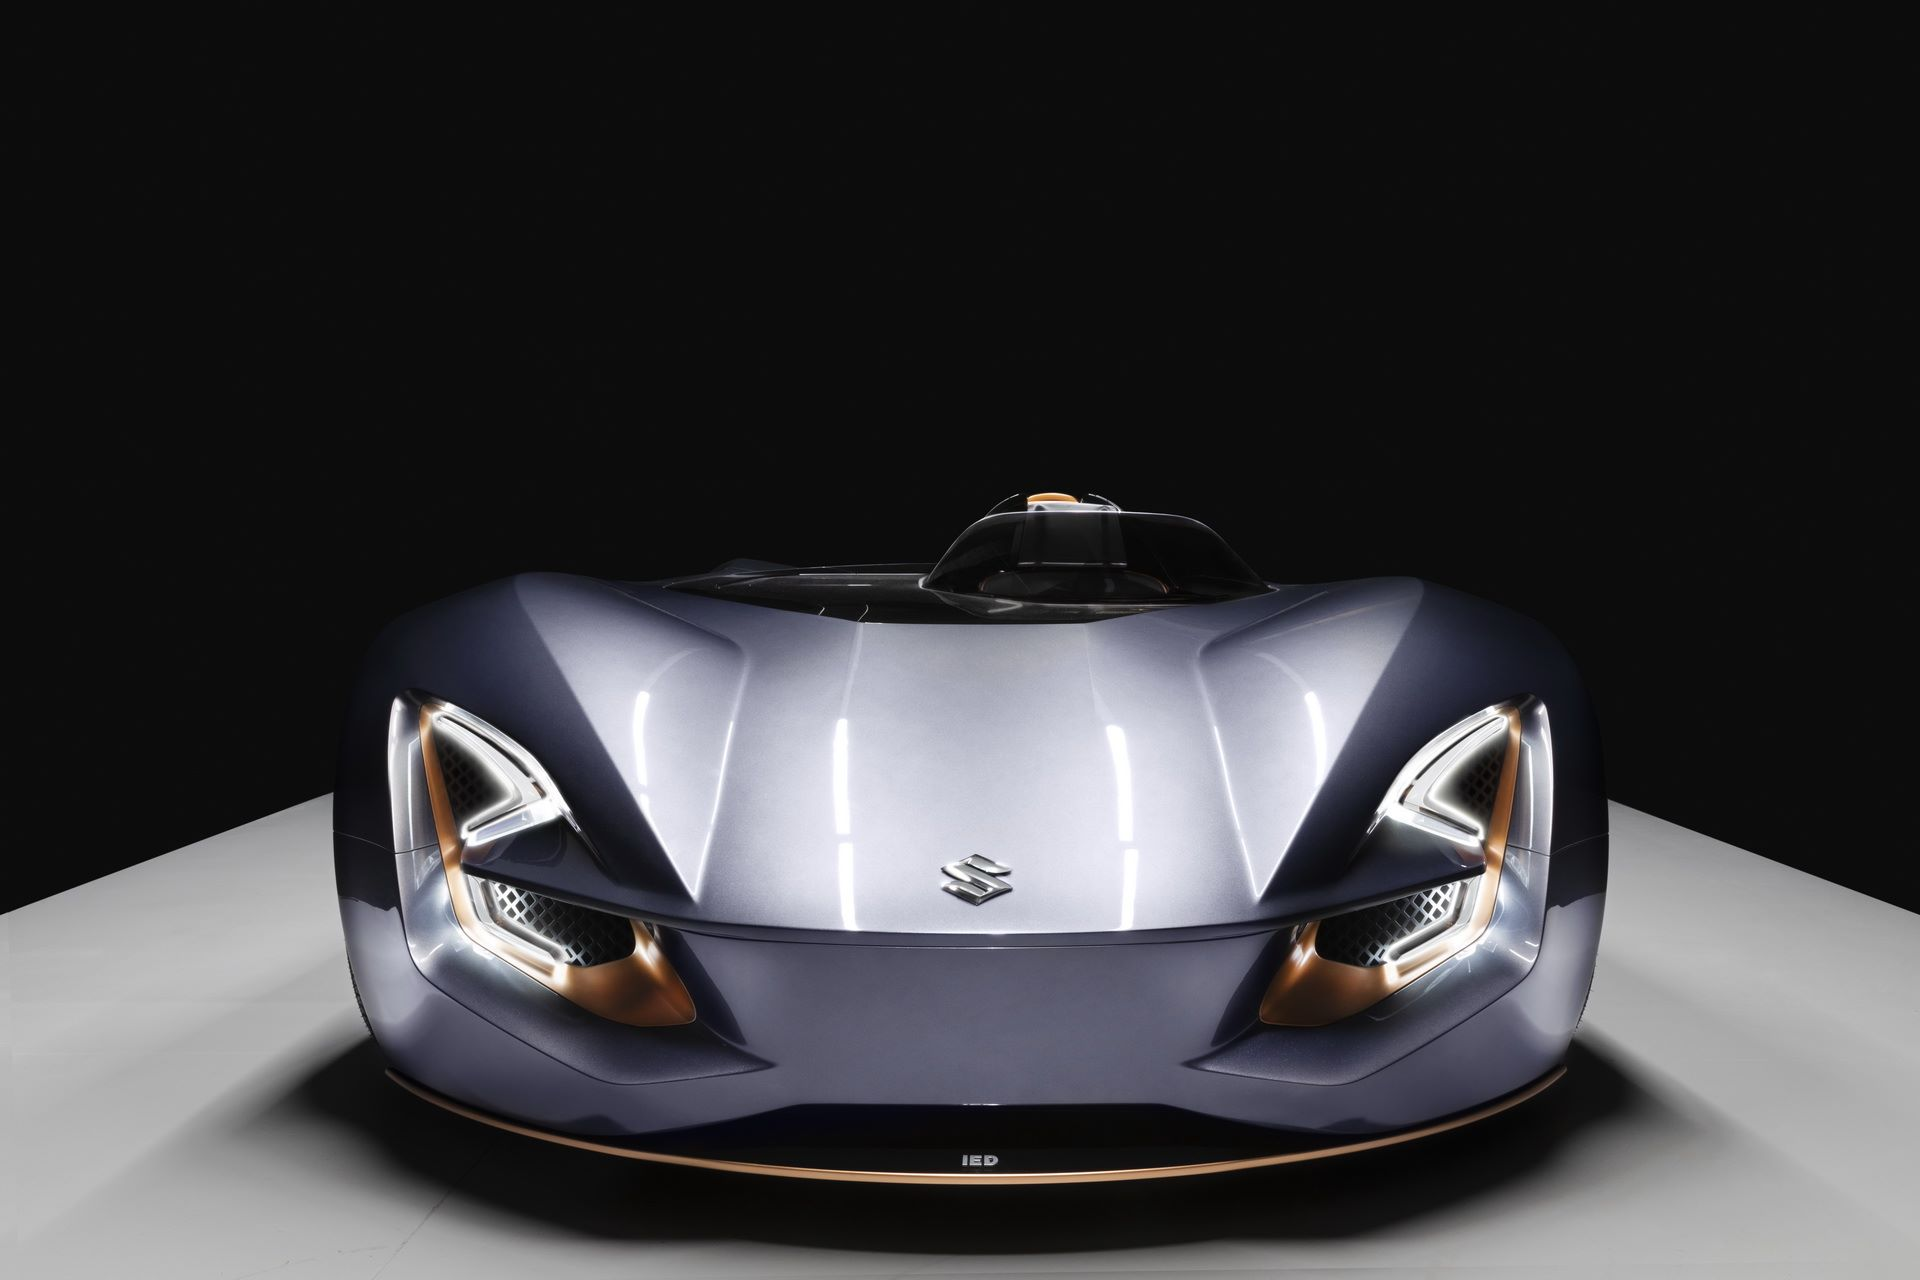 Suzuki-Misano-Concept-IED-9